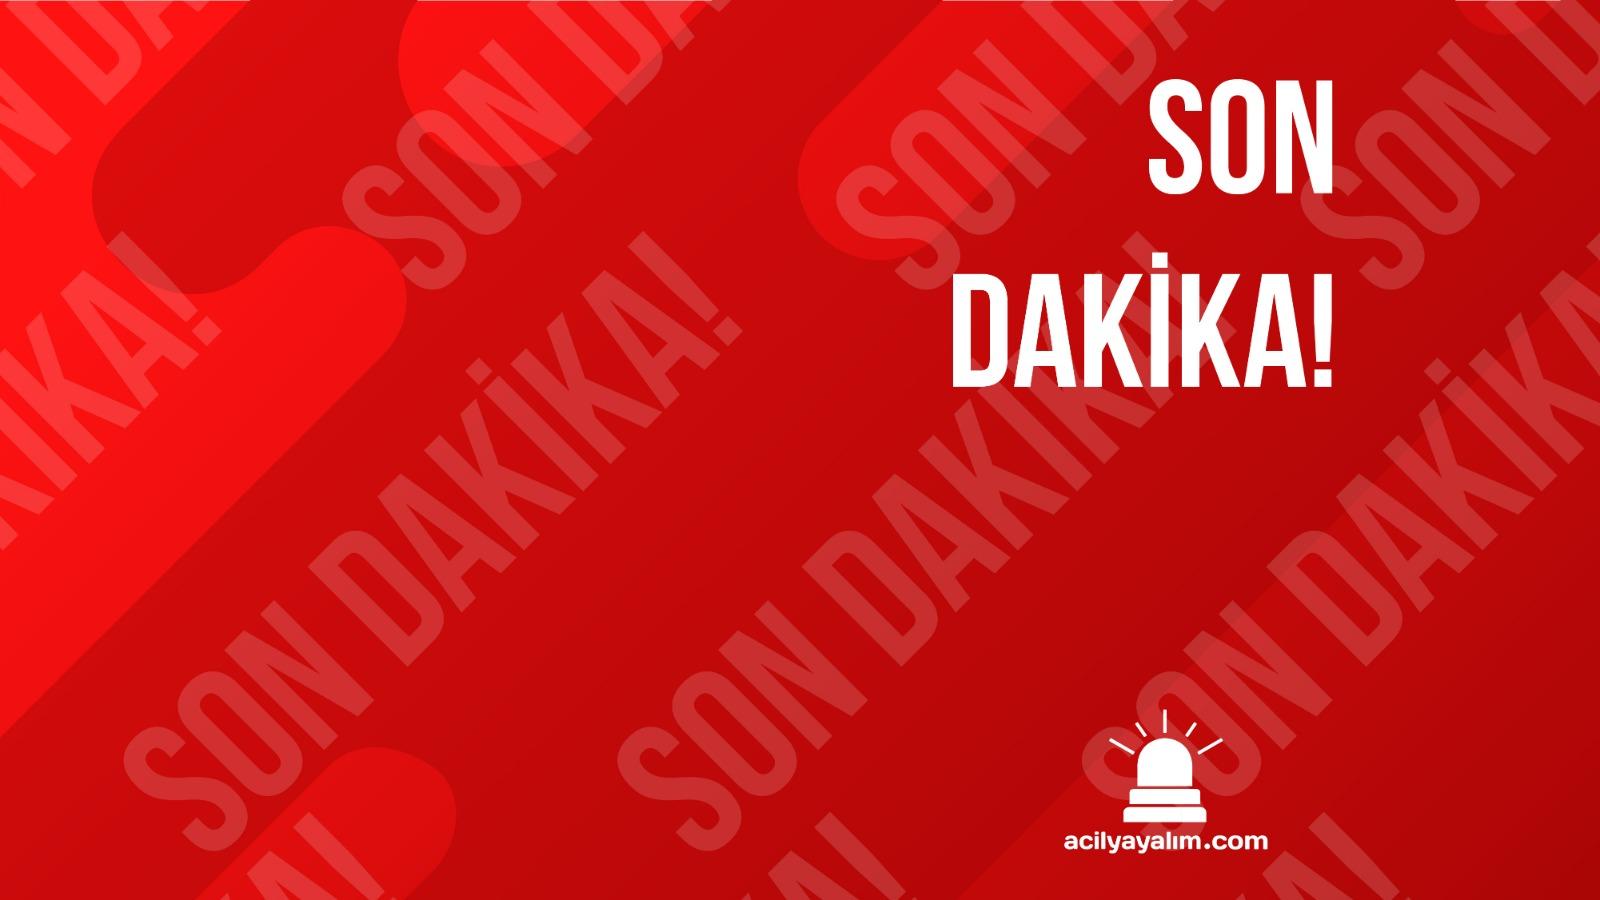 Cumhurbaşkanı Erdoğan, yeni burs miktarlarını açıkladı.